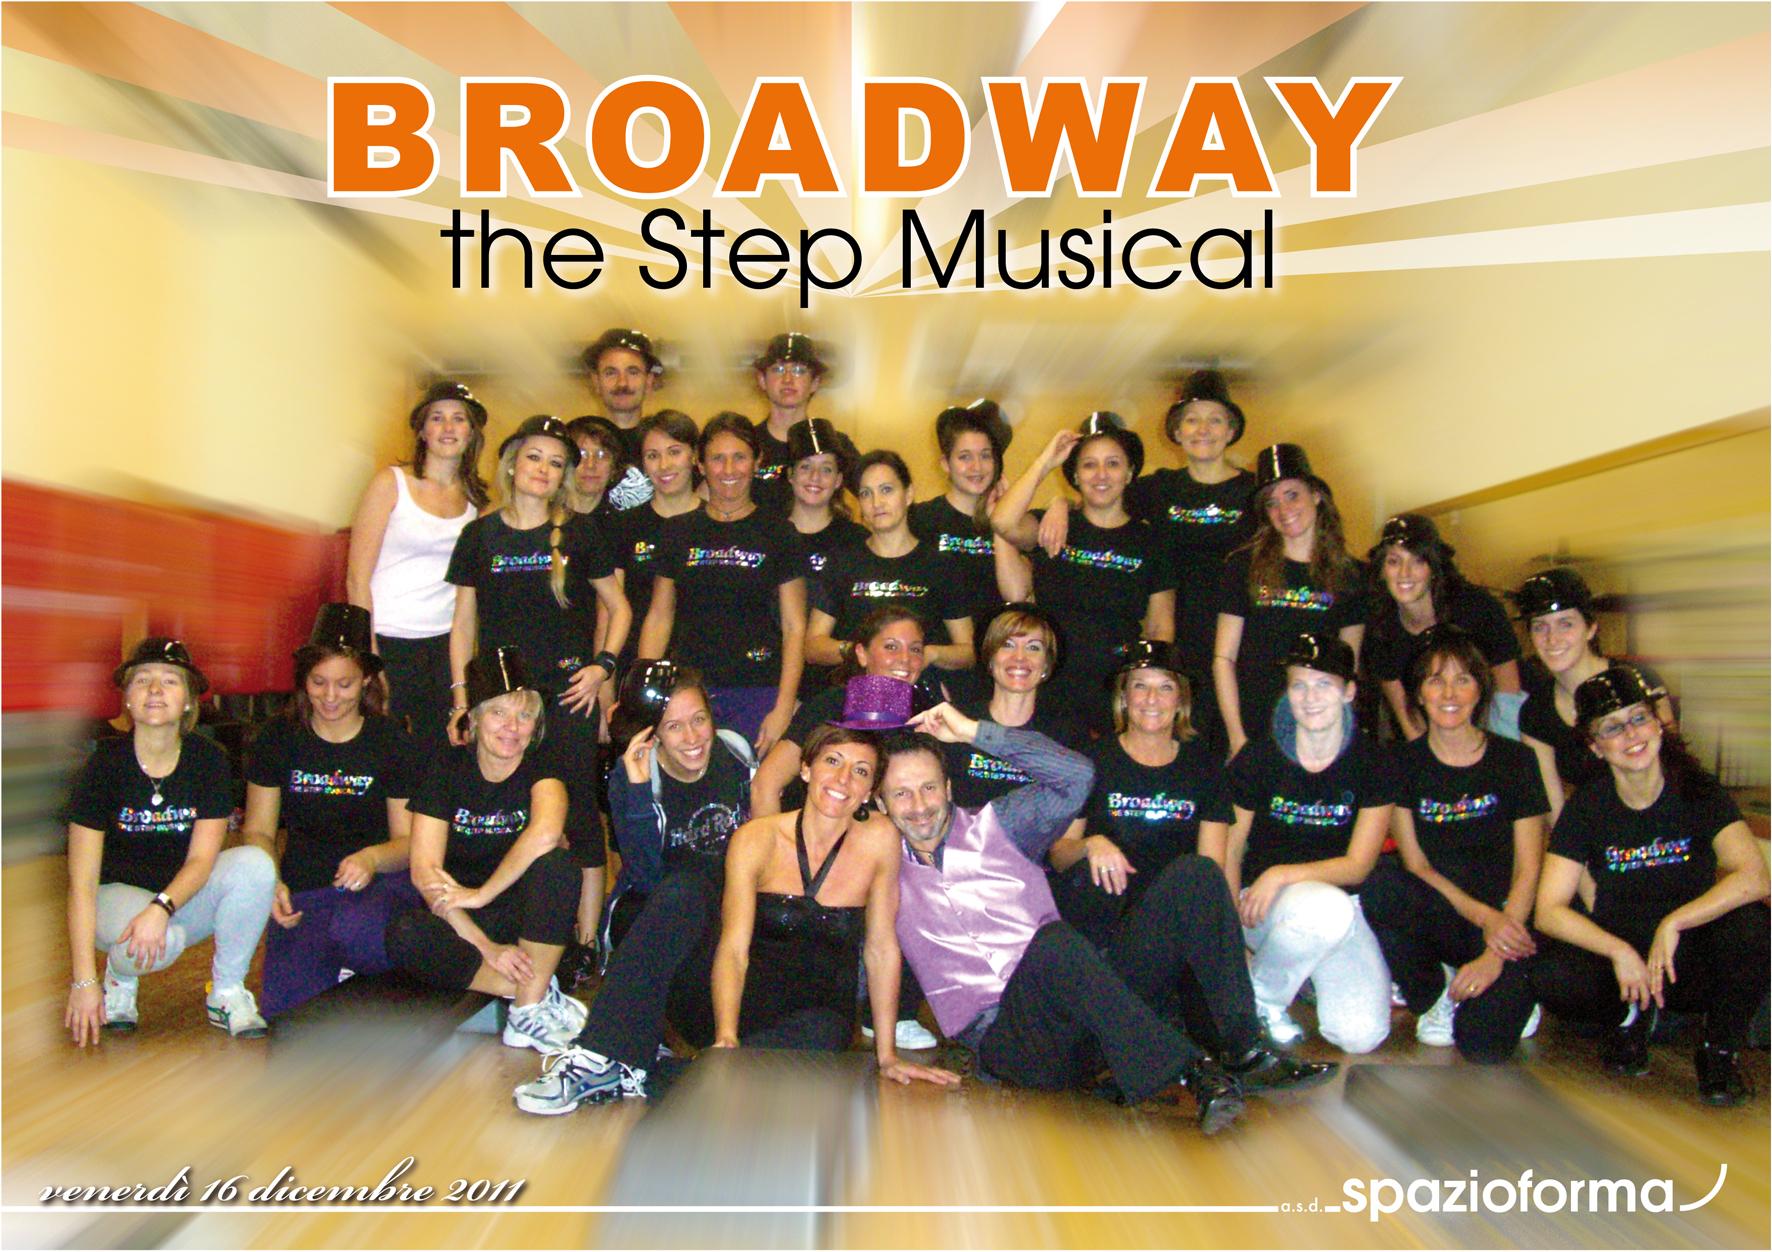 02-Broadway_ven_S